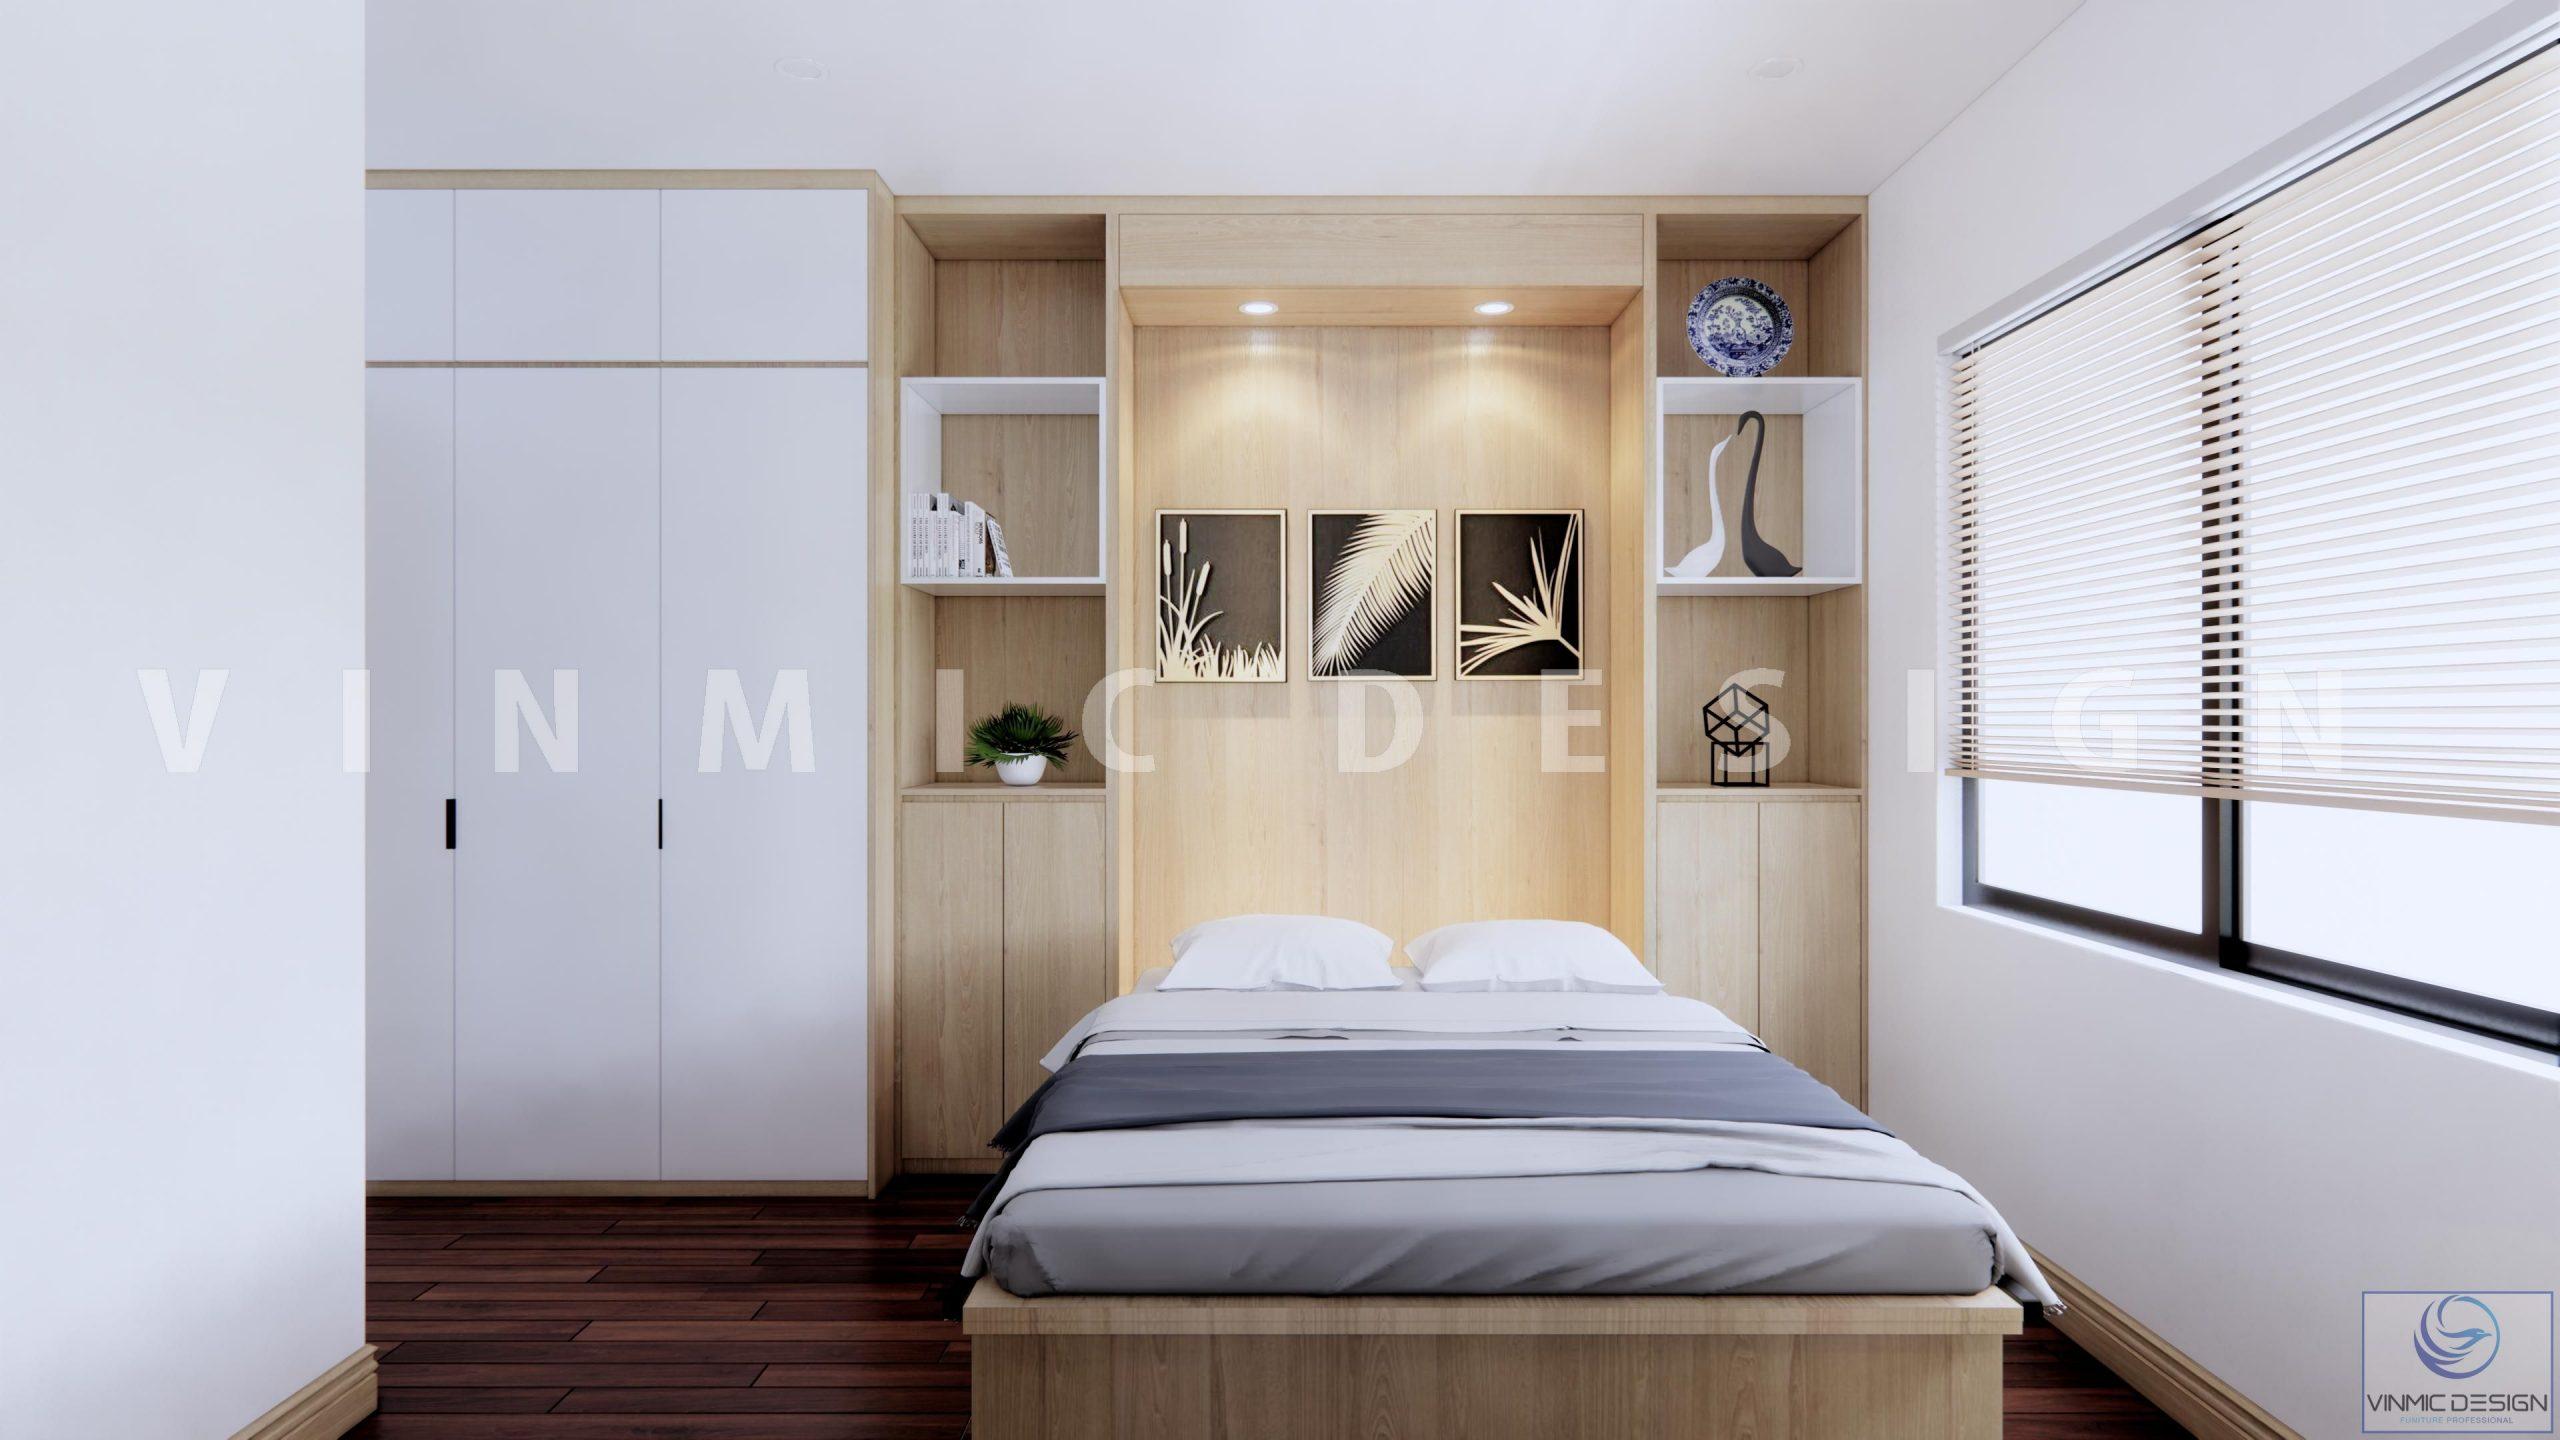 Thiết kế nội thất phòng ngủ cho khách gần gũi, thân thiện tại biệt thự Vinhomes Marina Hải Phòng